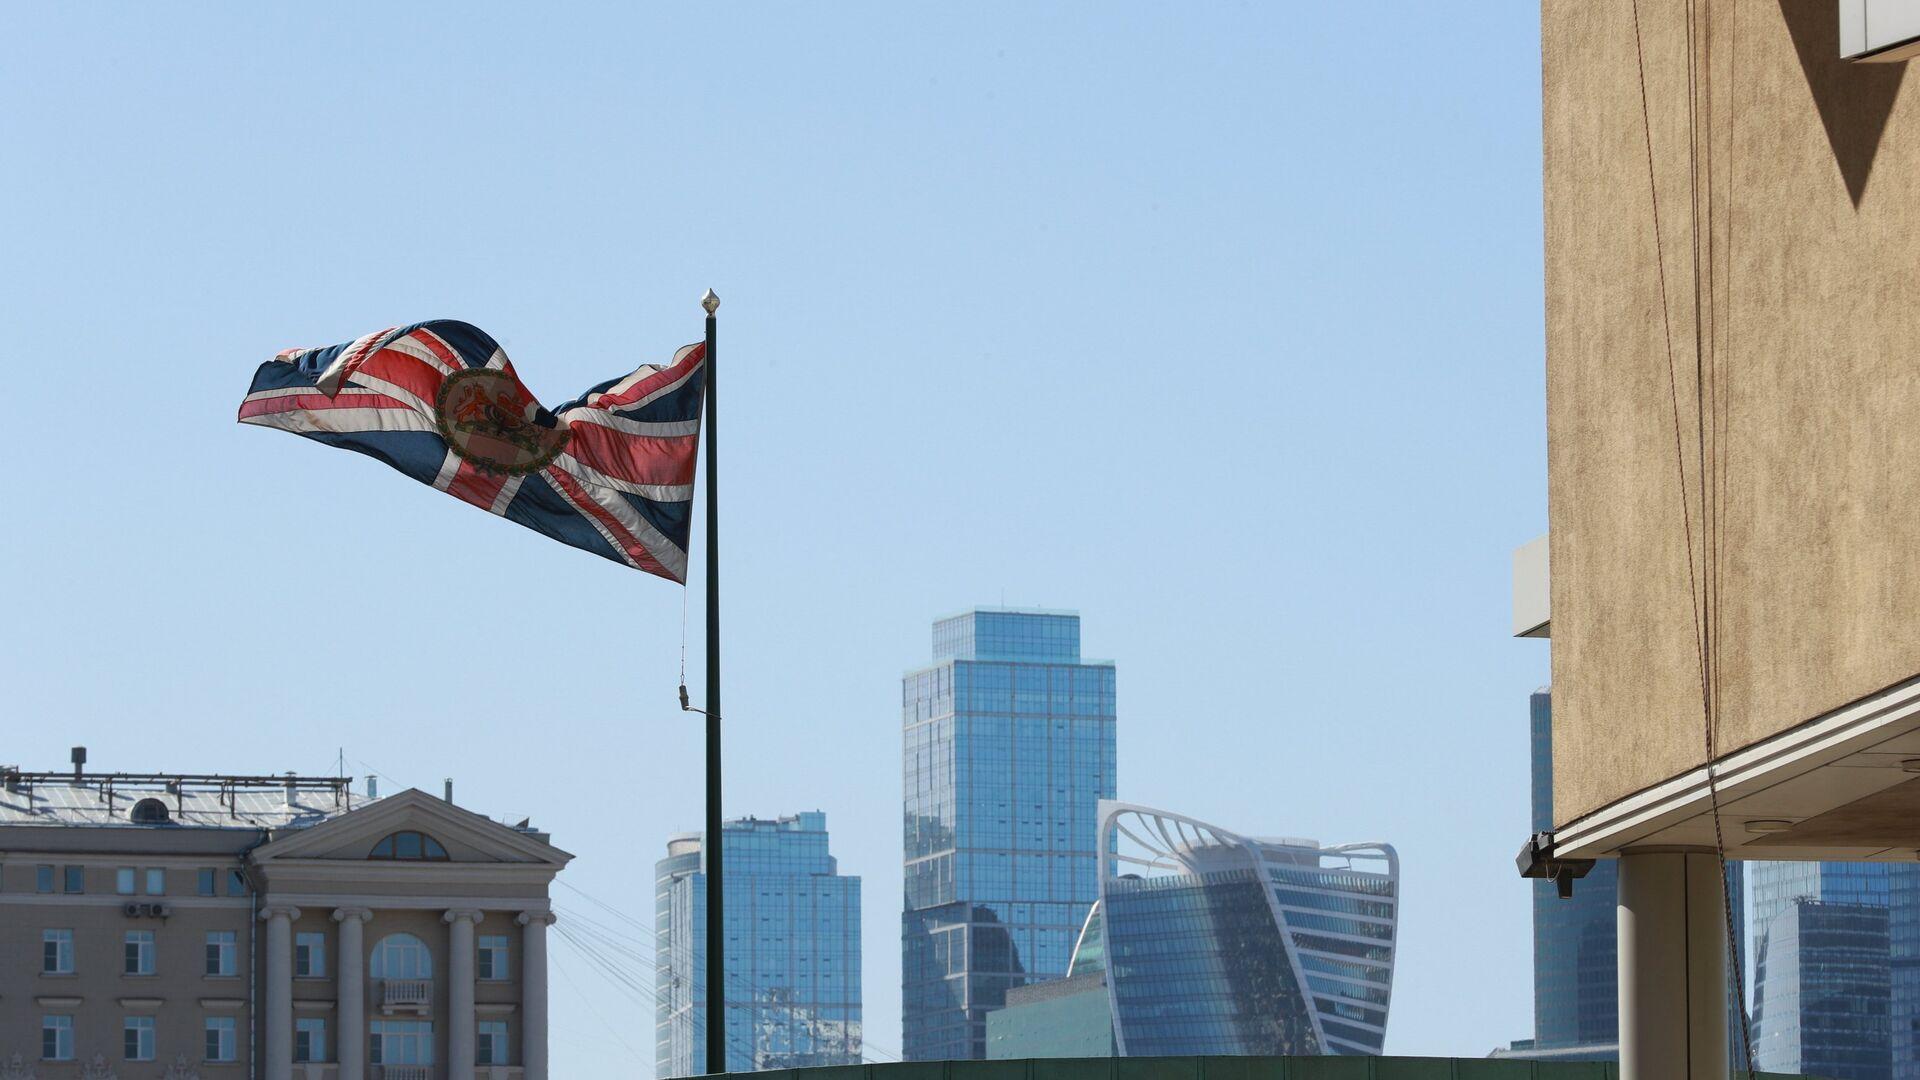 Флаг Великобритании у здания посольства Великобритании в Москве - РИА Новости, 1920, 01.12.2020